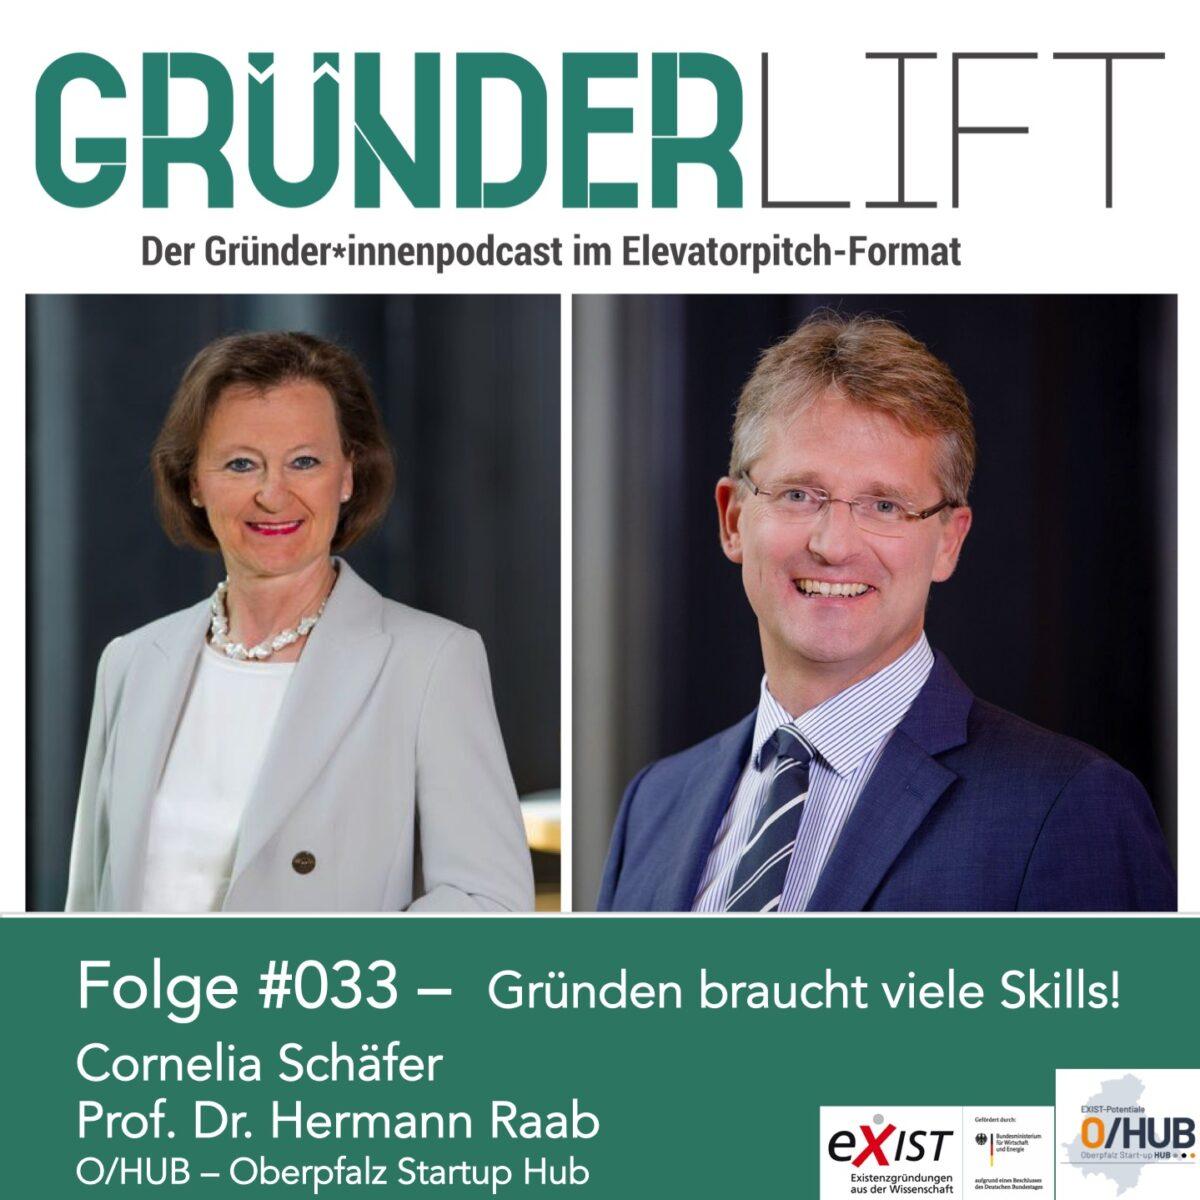 GründerLIFT Folge #033 Cornelia Schäfer Hermann Raab